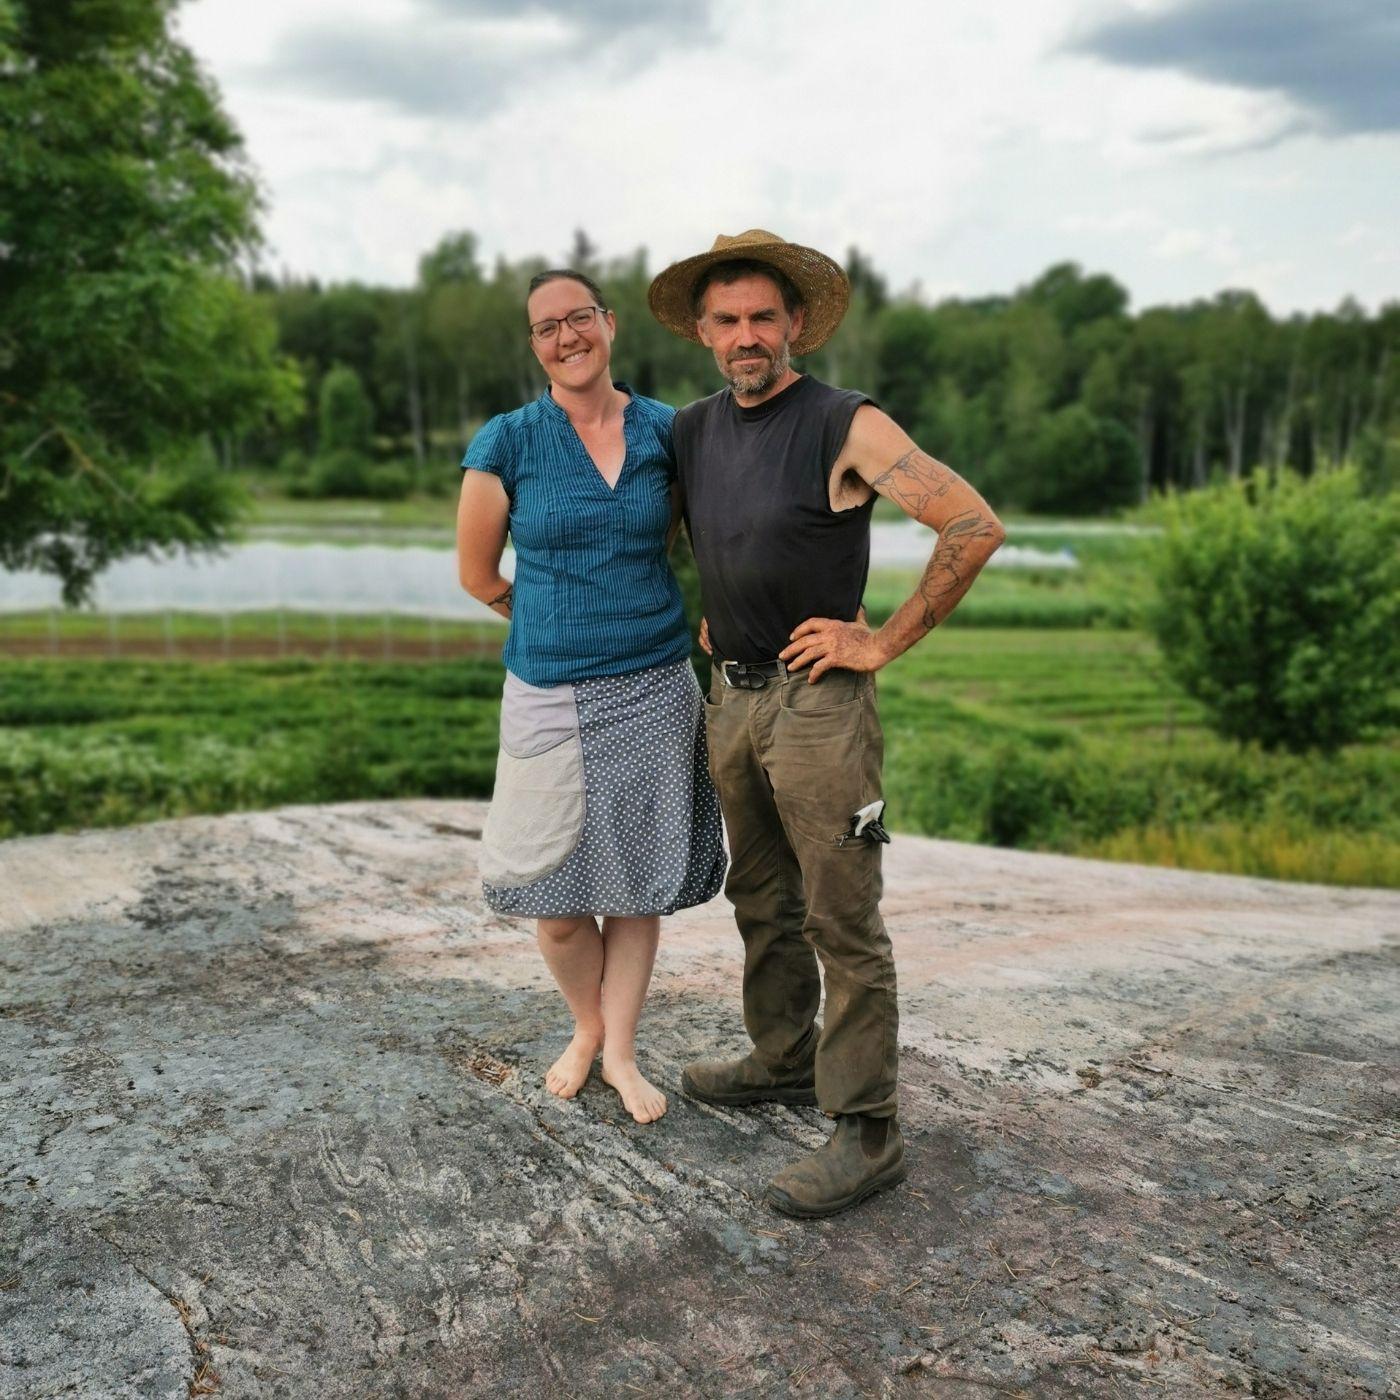 Sonia & Pierre - Maraîchers bio dans la campagne suédoise